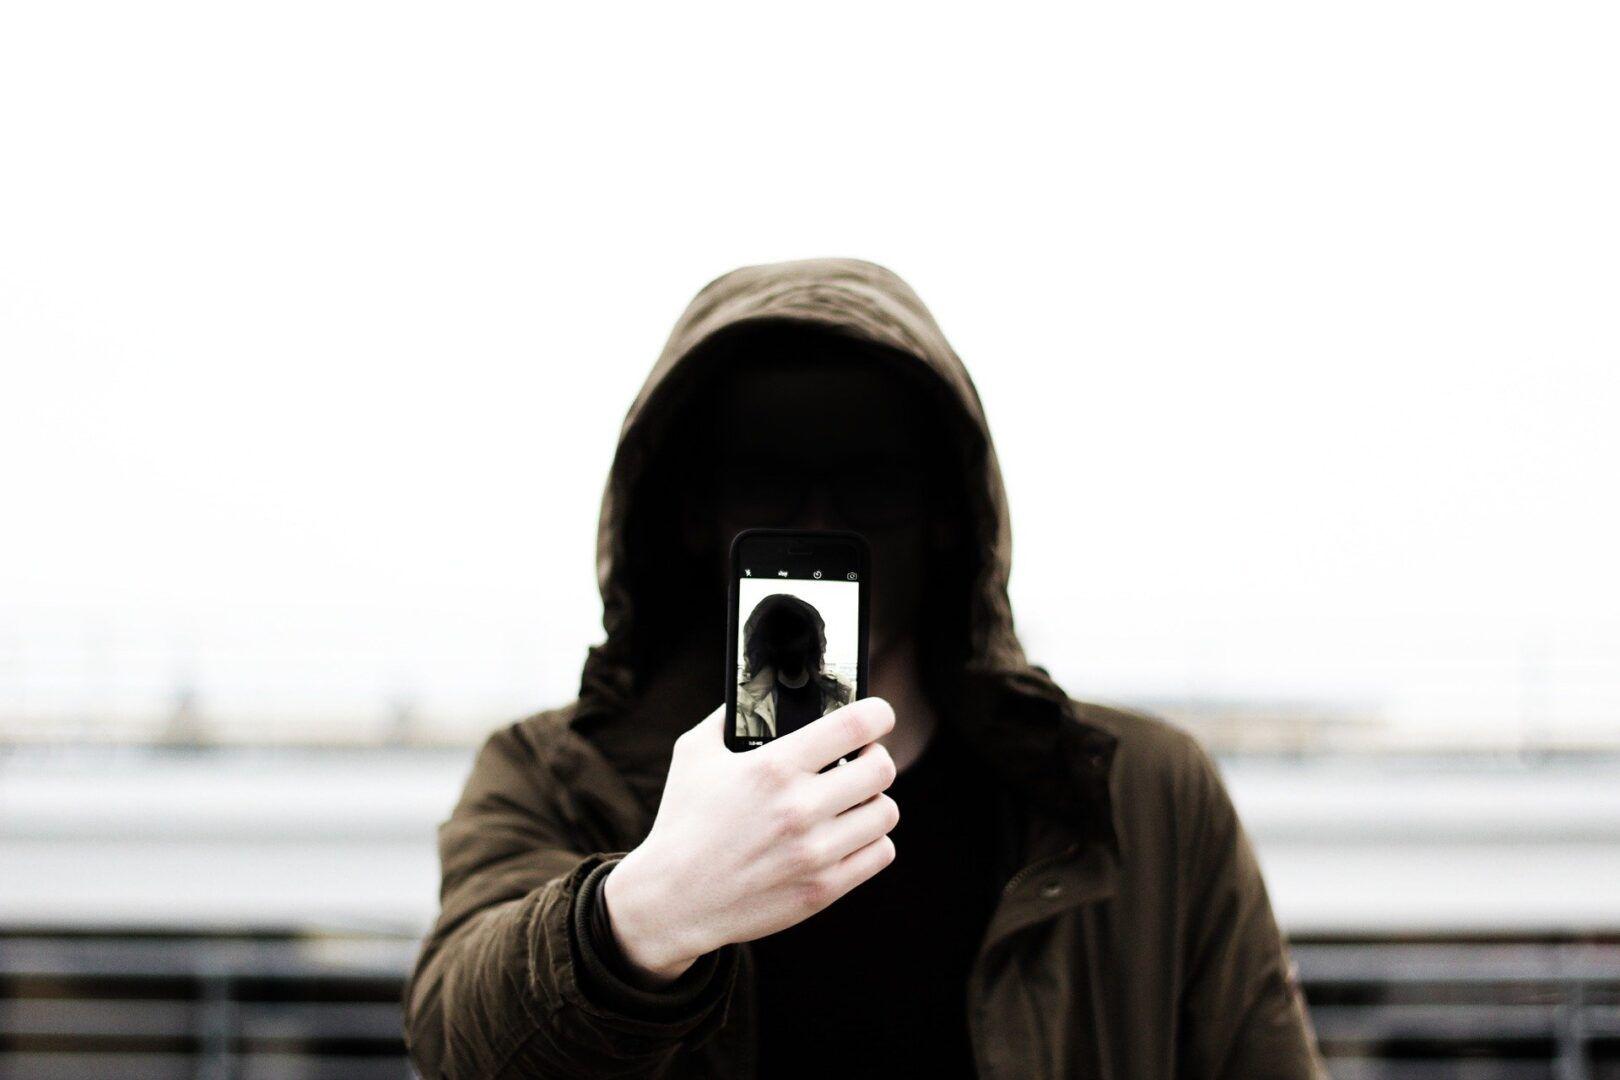 Fotografia de um homem tirando selfie para ilustração do item